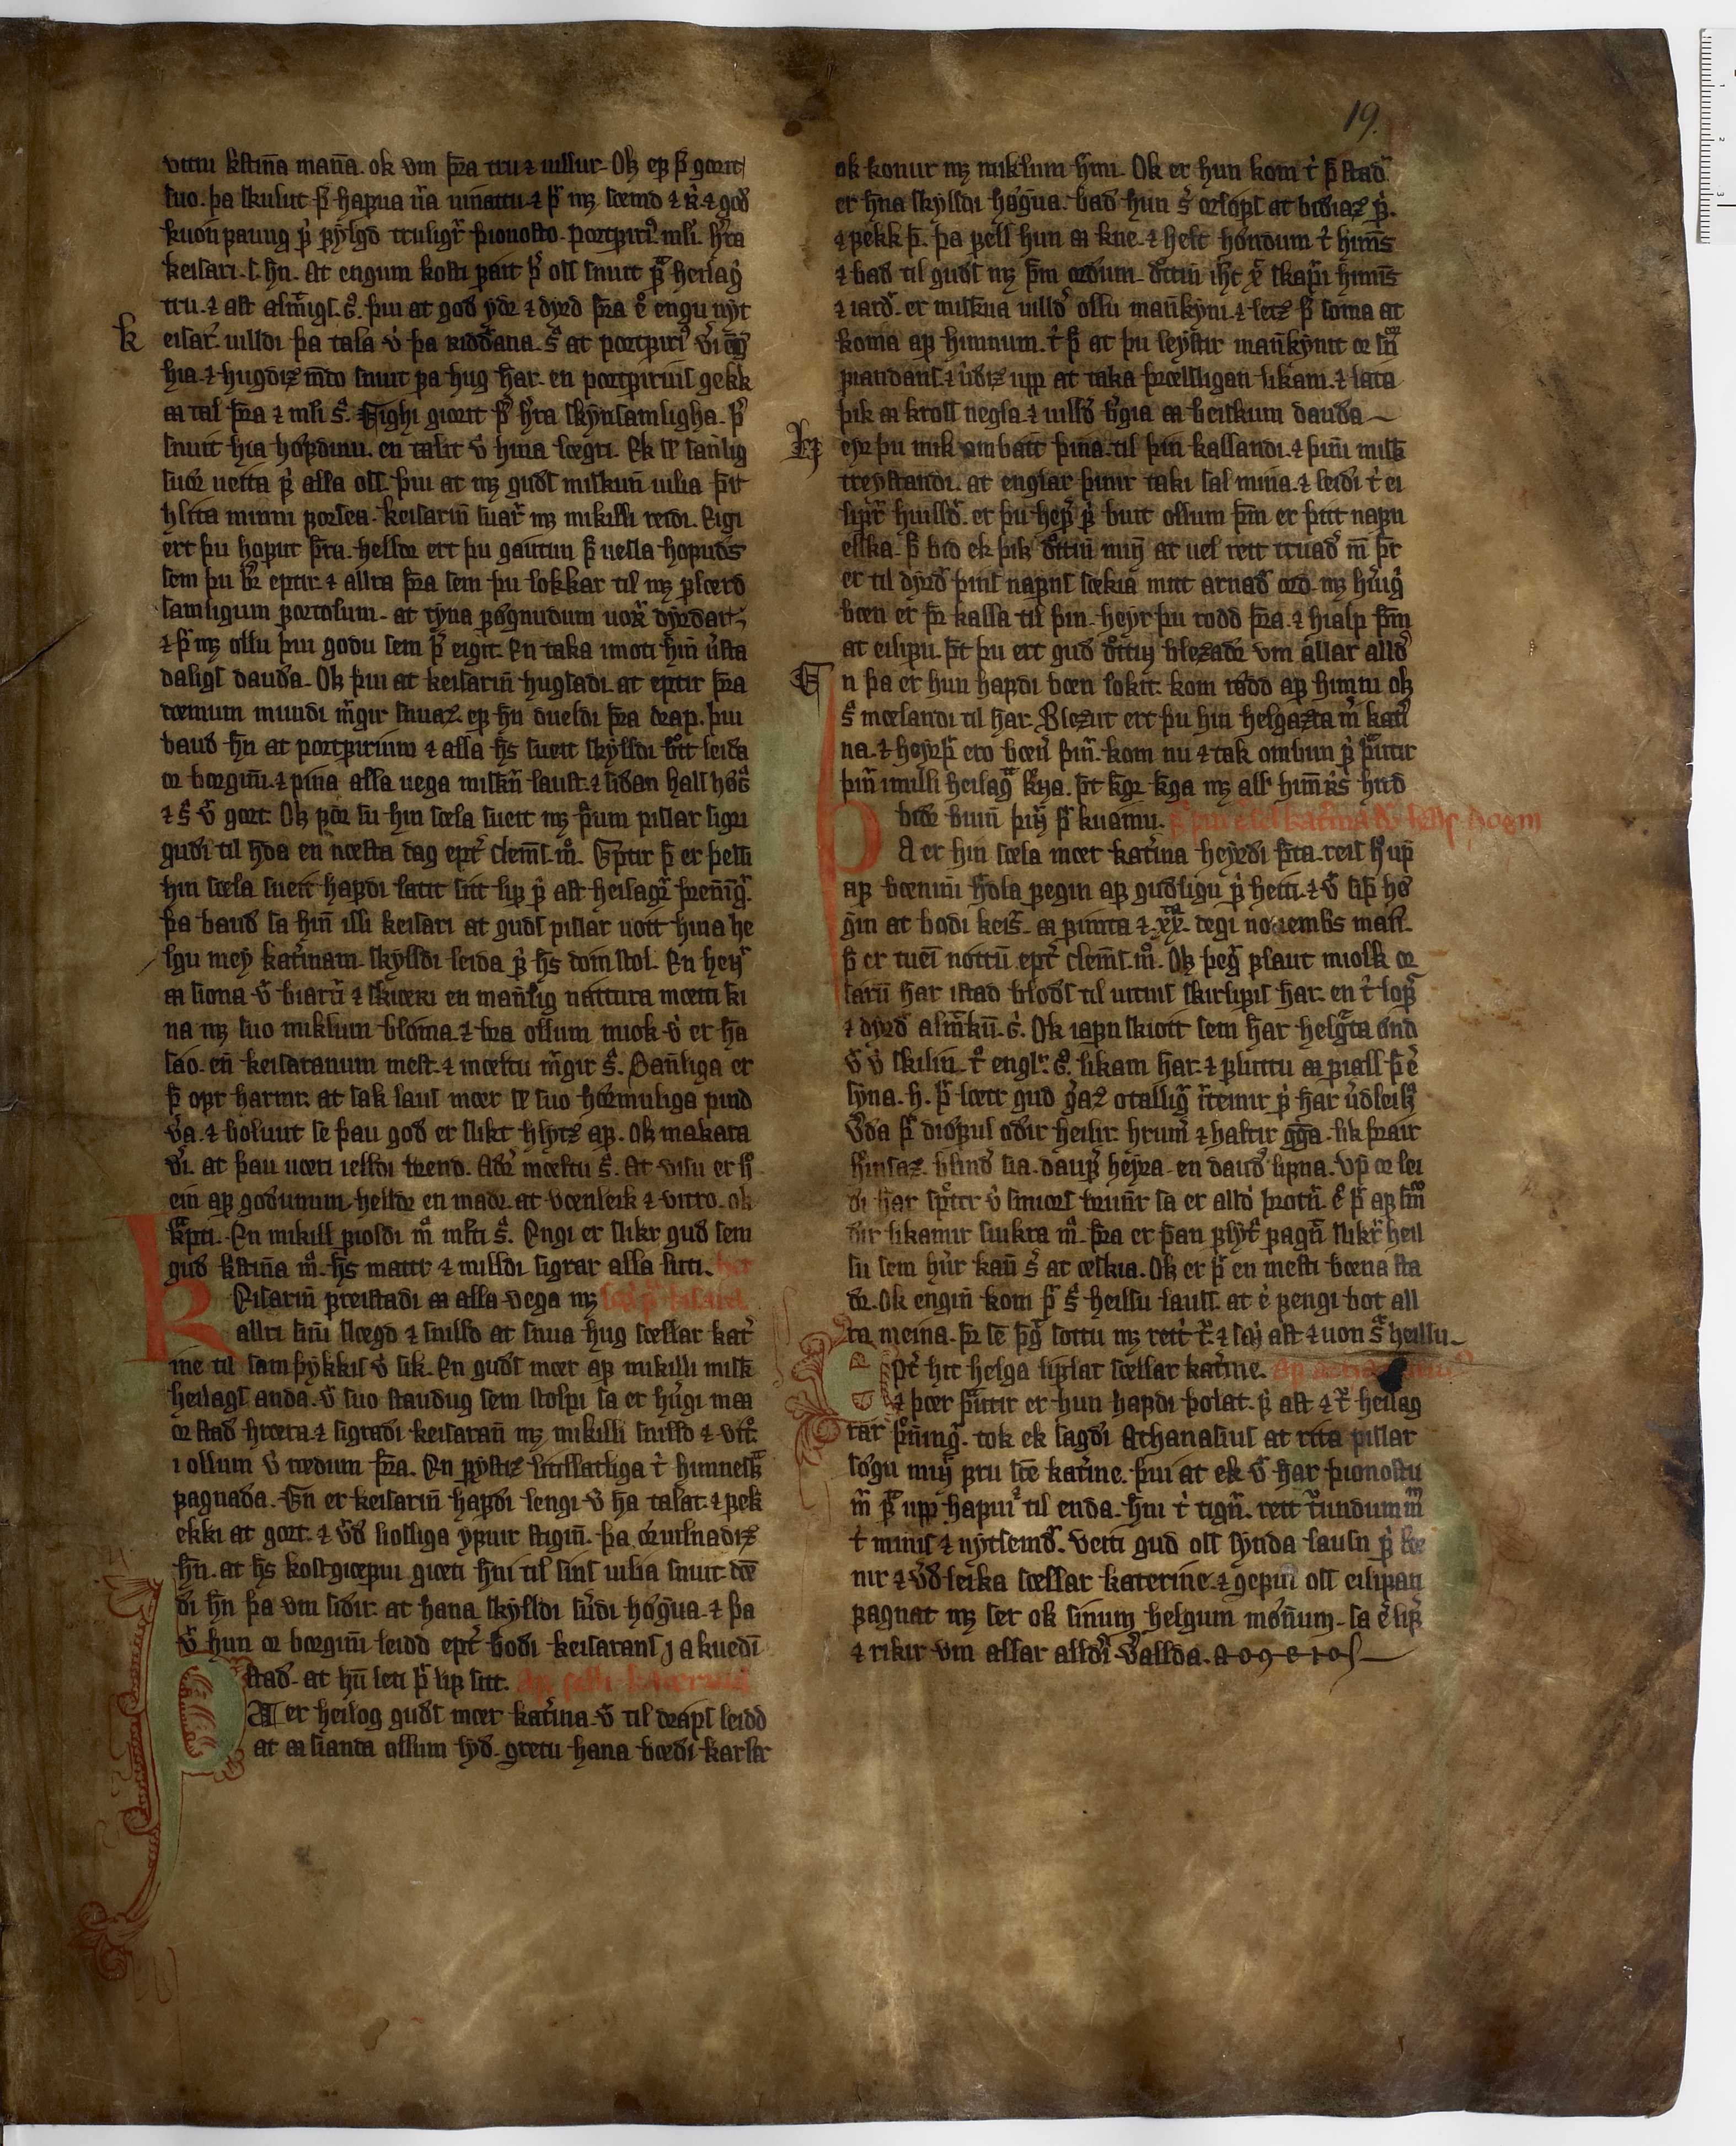 AM 233 a fol - 19r